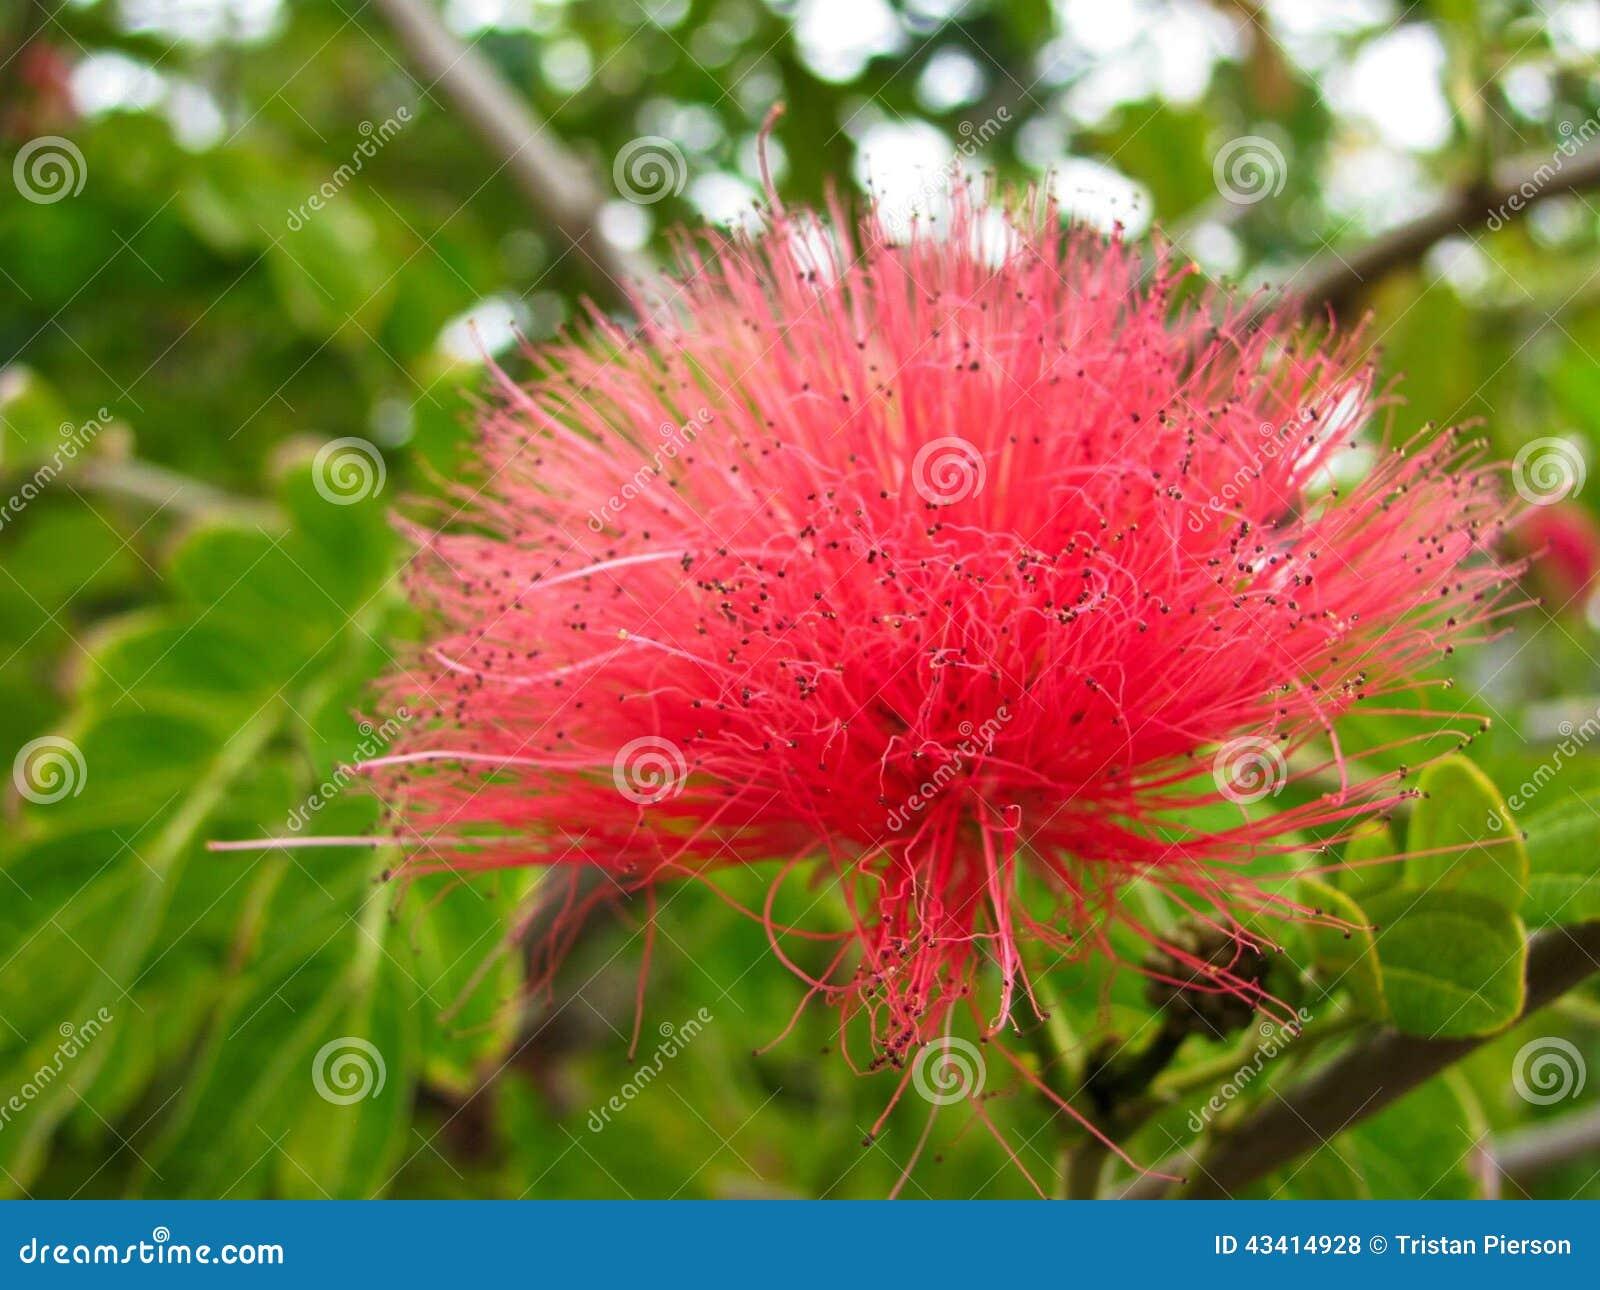 Mimosa rossa fotografia stock immagine 43414928 for Formas ornamentales